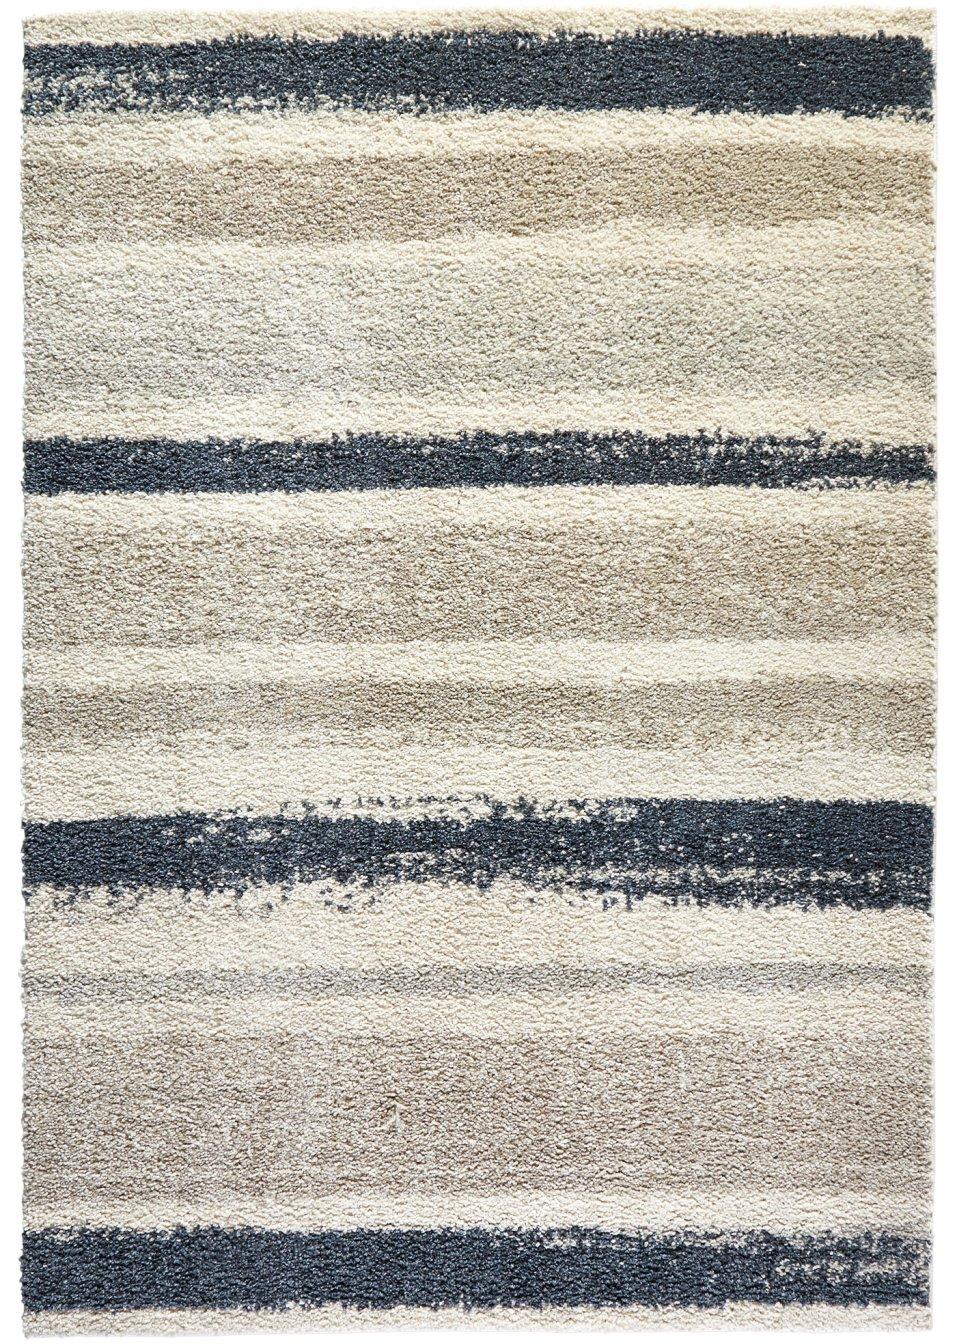 Teppich till natur blau wohnen - Teppich bonprix ...